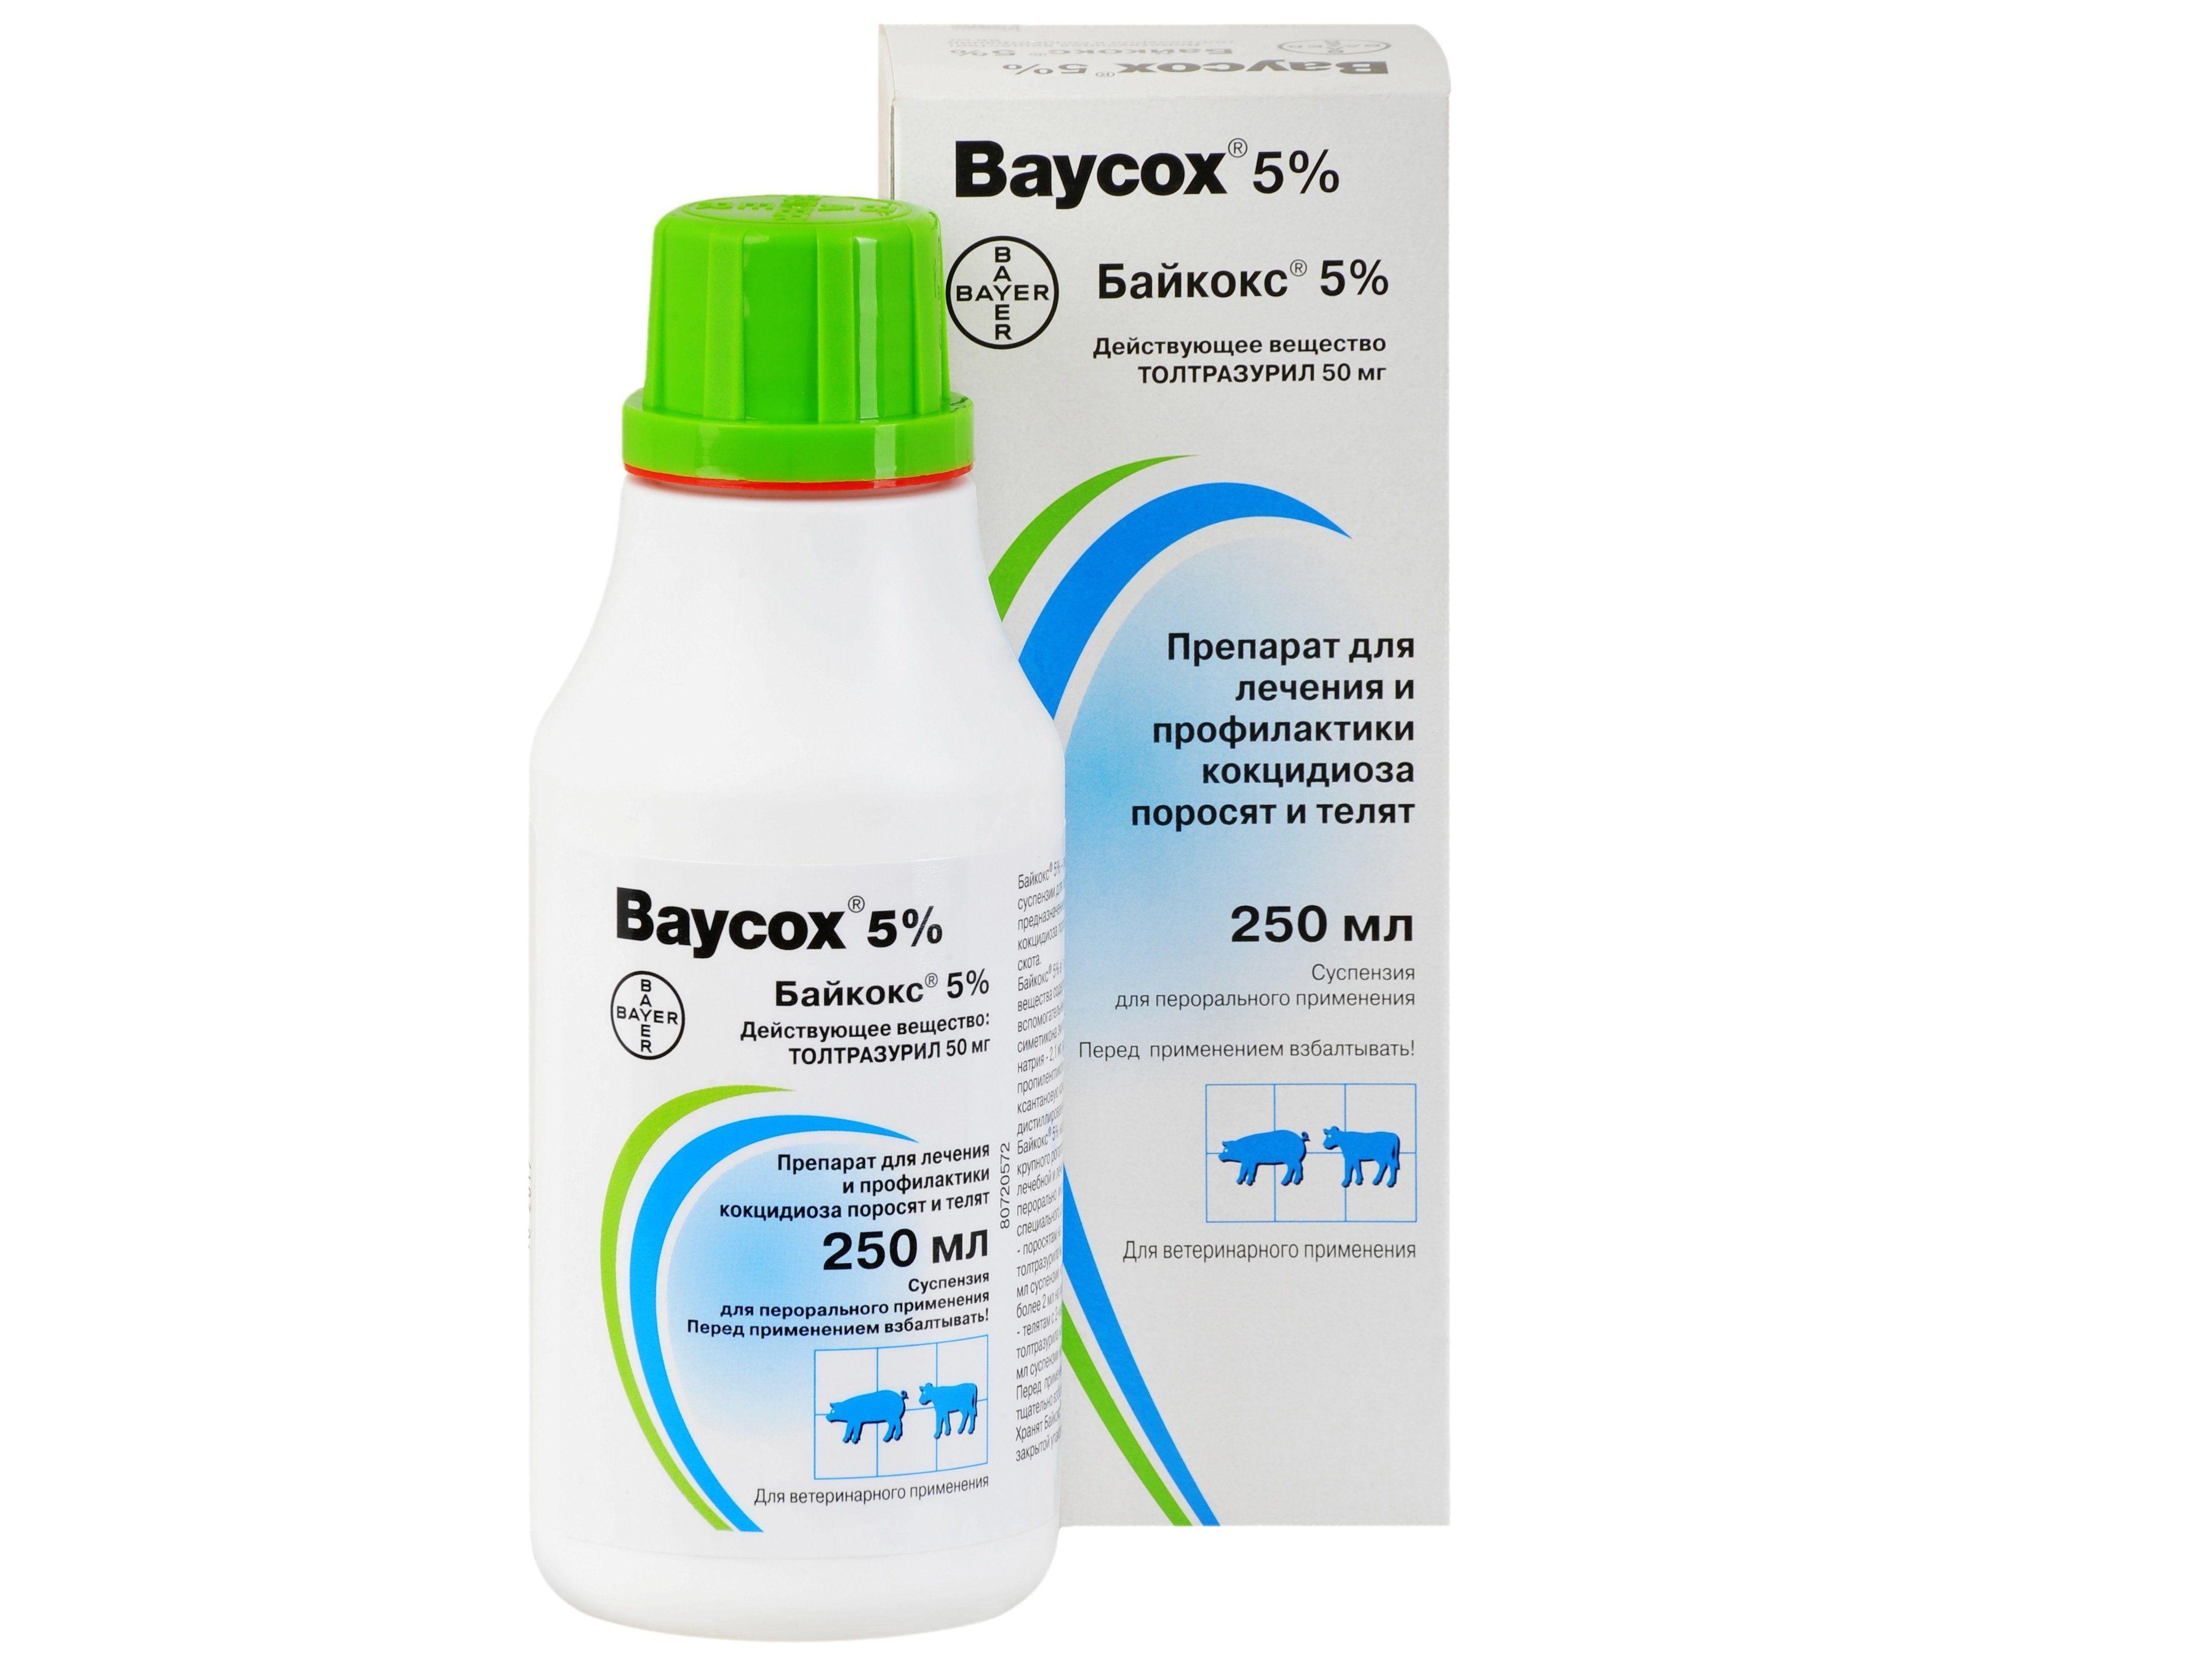 Сакокс 120 — препарат для профилактики кокцидиоза. Инструкция по применению